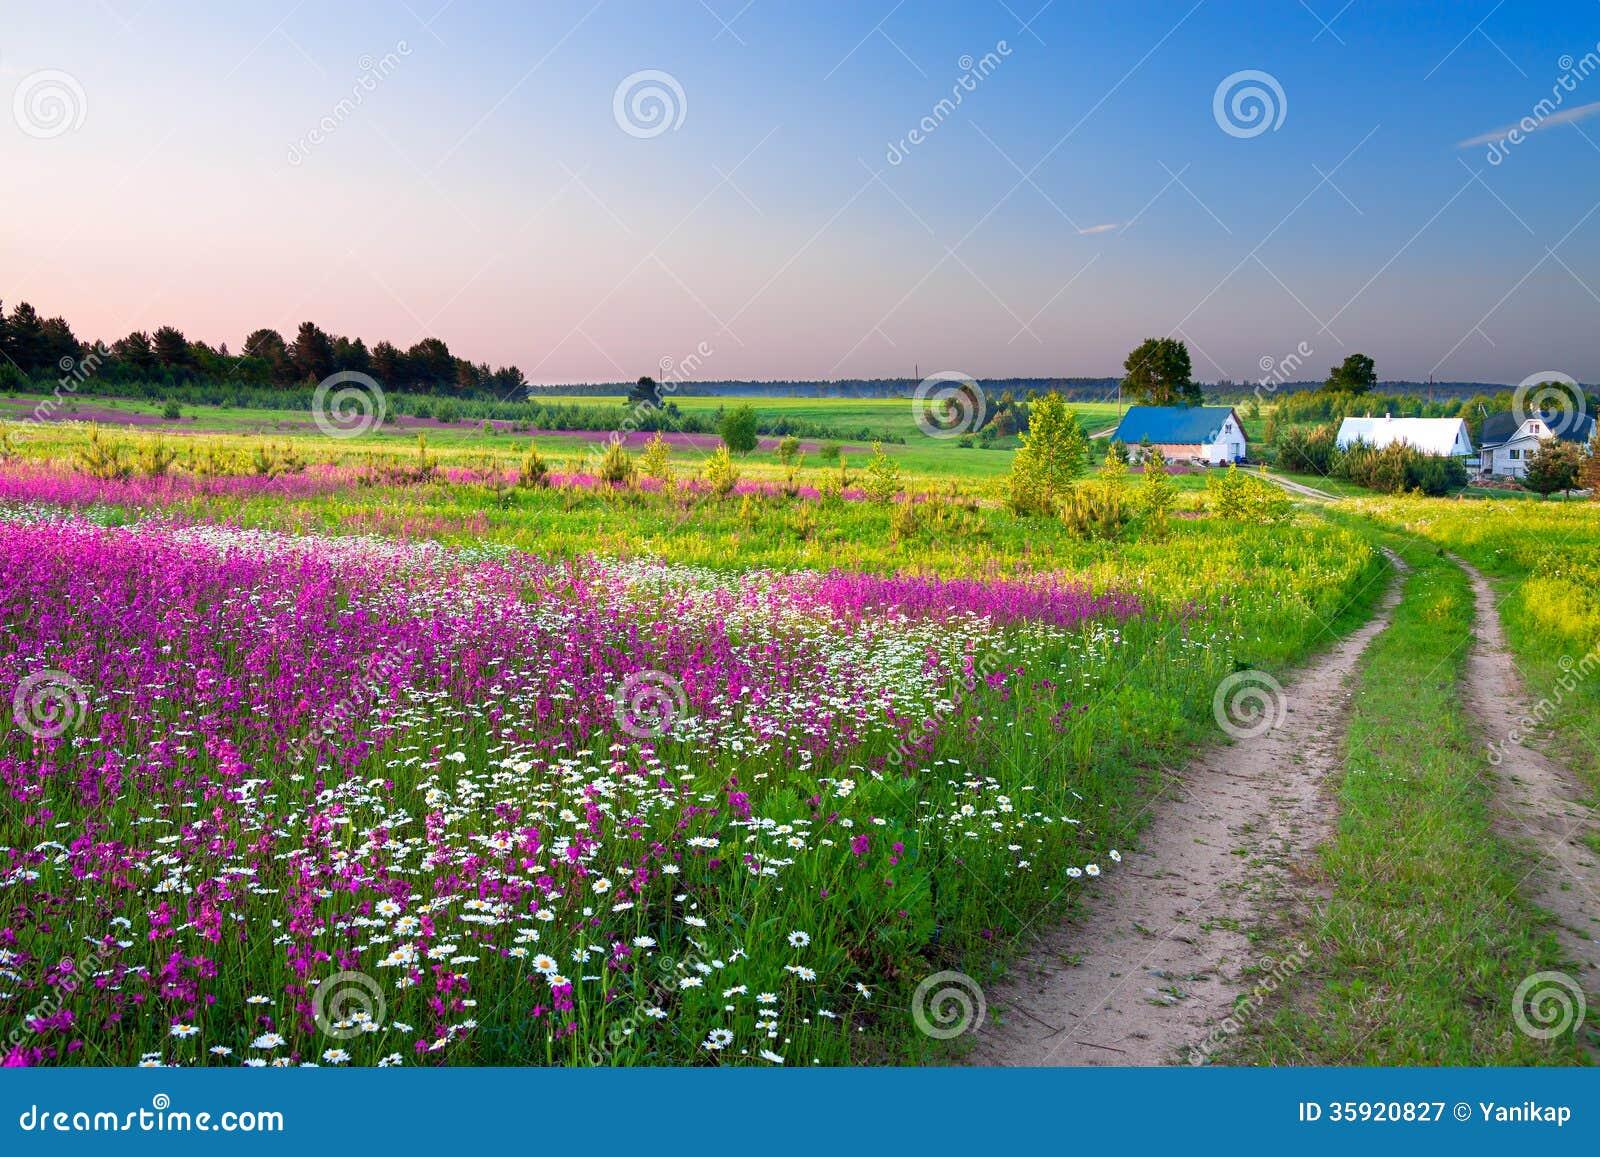 Ajardine con un prado floreciente, el camino y una granja